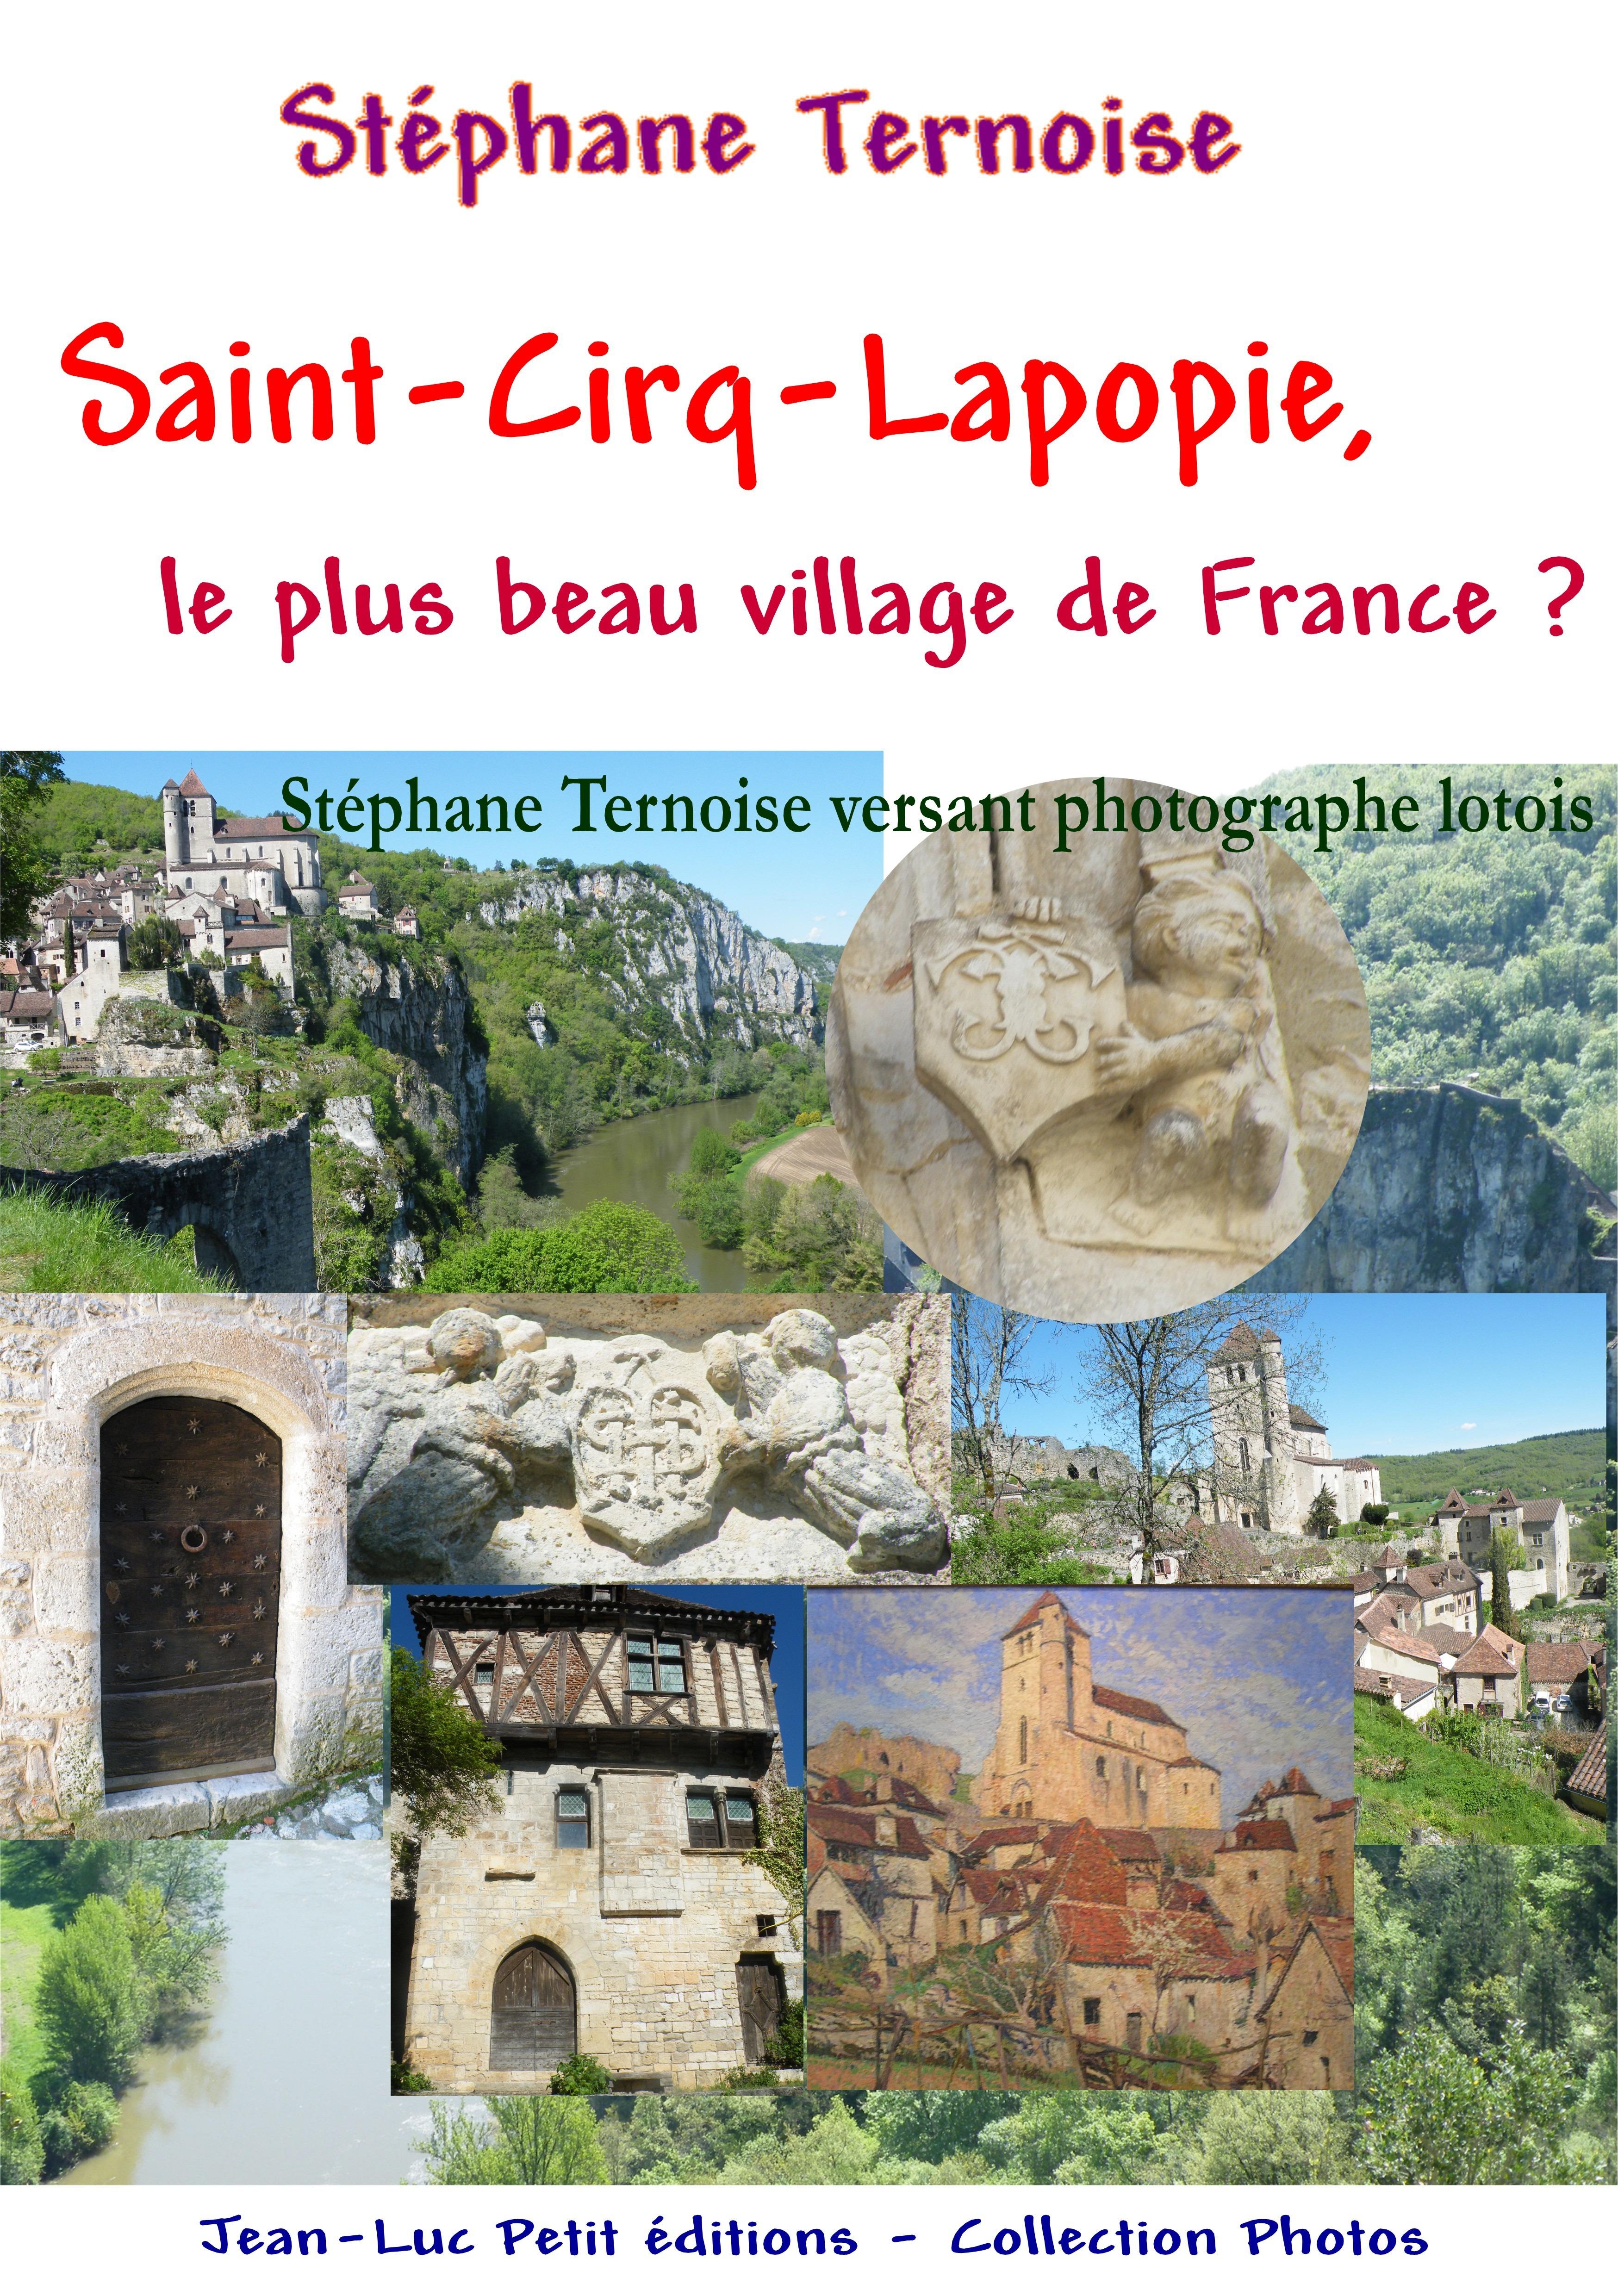 Saint-Cirq-Lapopie, le plus beau village de France ?